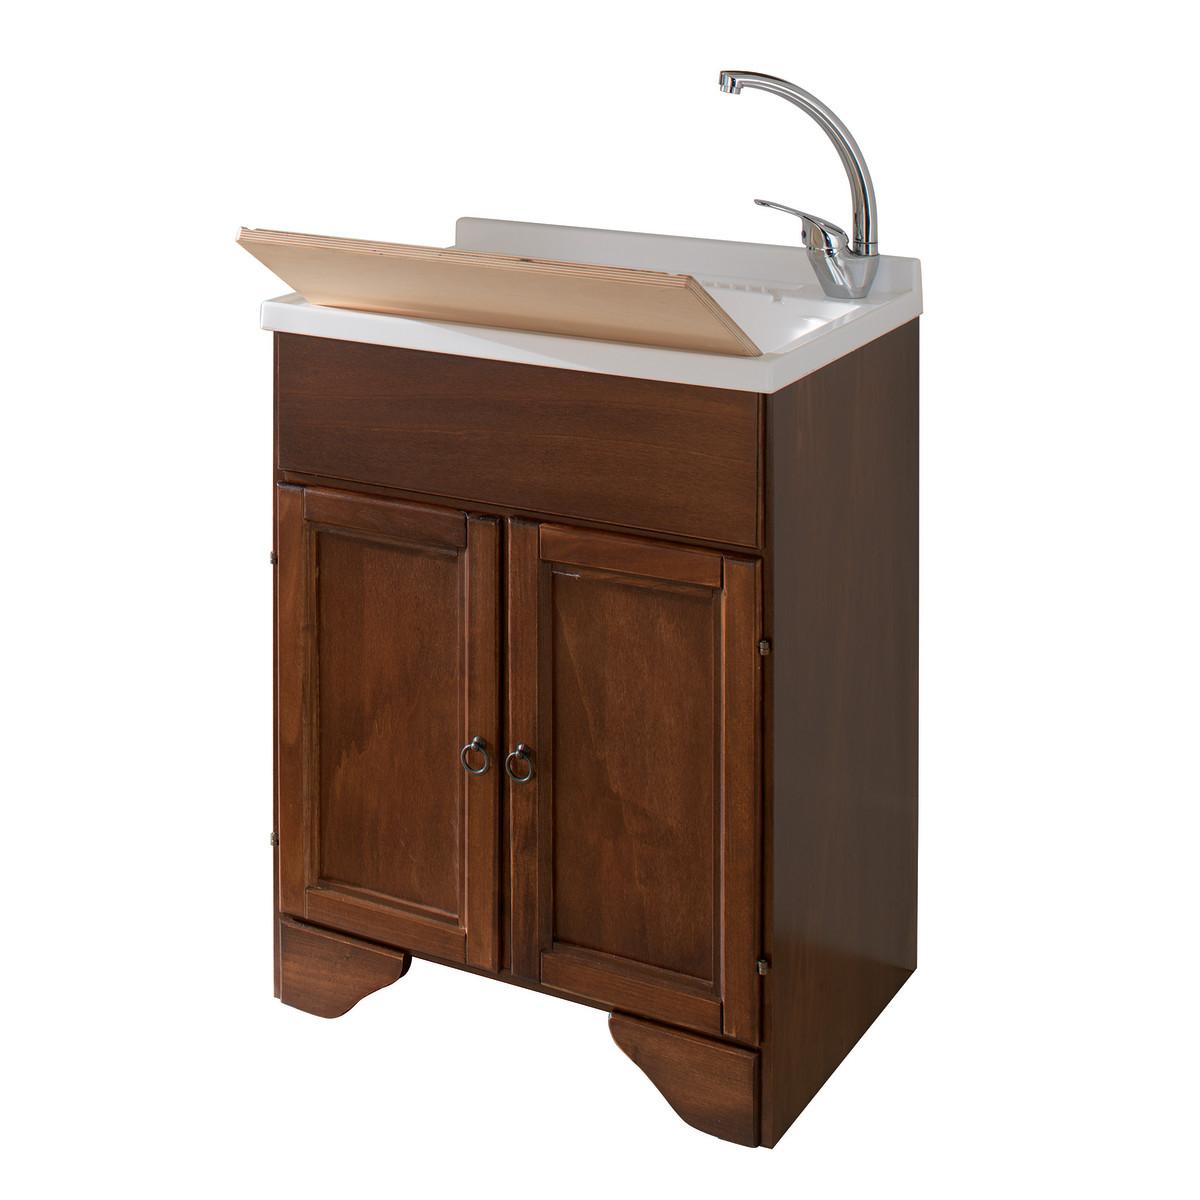 Lavatoio legno c piedi l60xp50xh85 prezzi migliori offerte - Mobile lavatoio leroy merlin ...